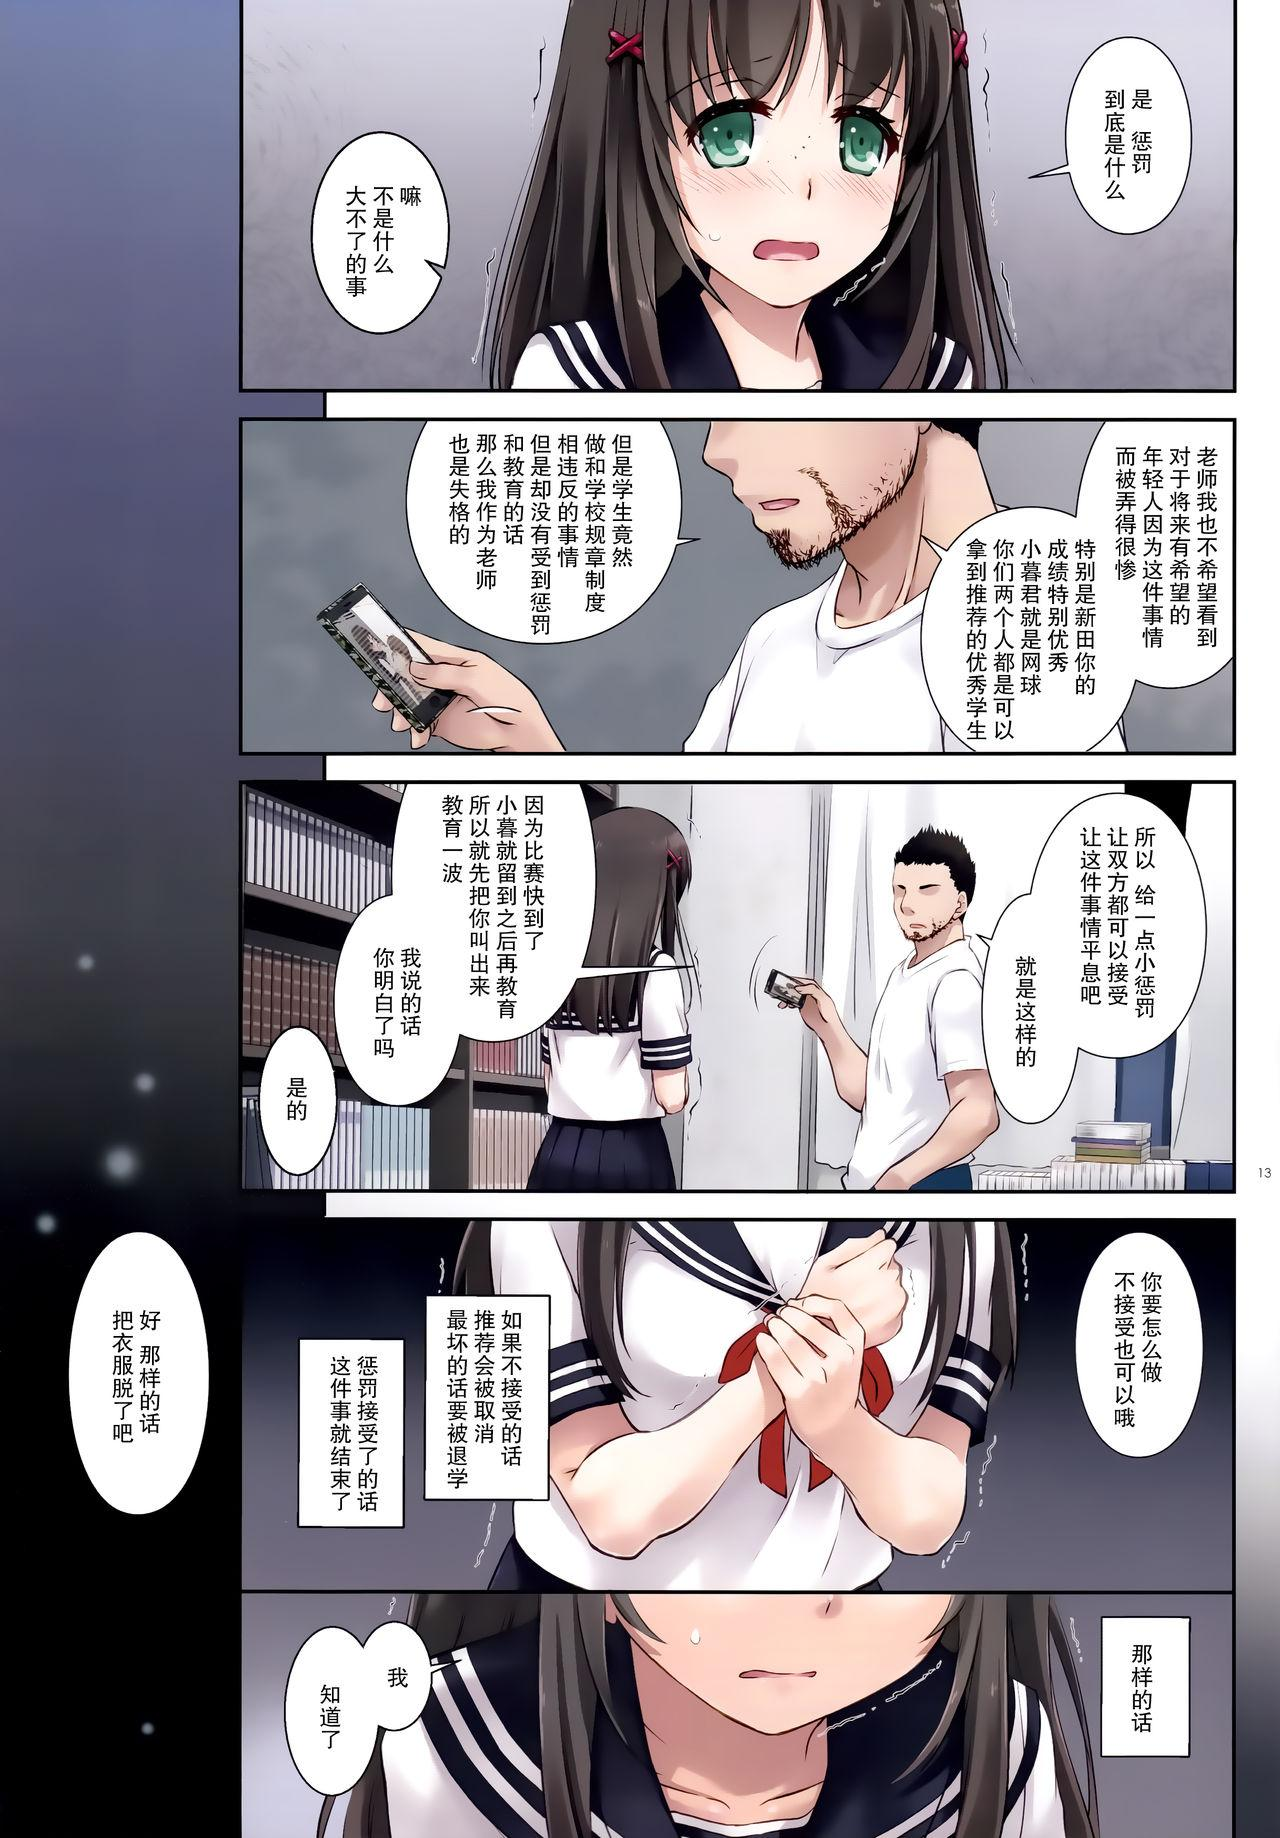 DLO-01 Kare to no Yakusoku 11